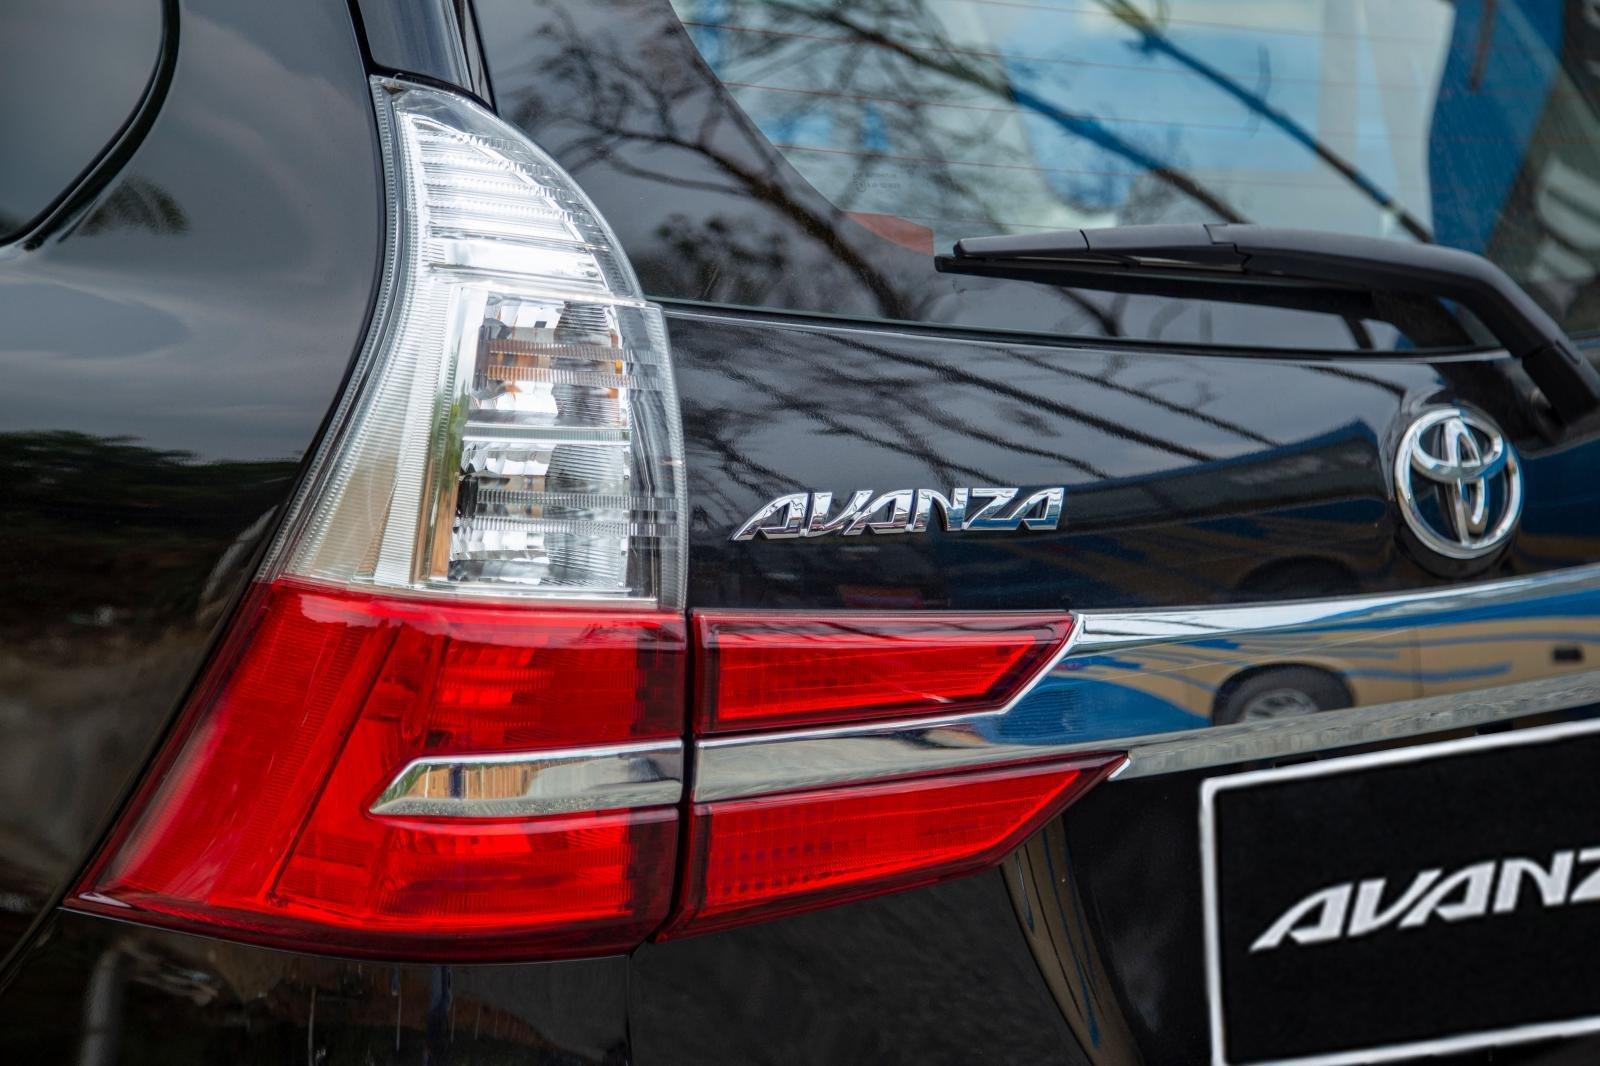 Toyota Avanza 2019 chính thức được giới thiệu, giá tăng 19 triệu đồng a4